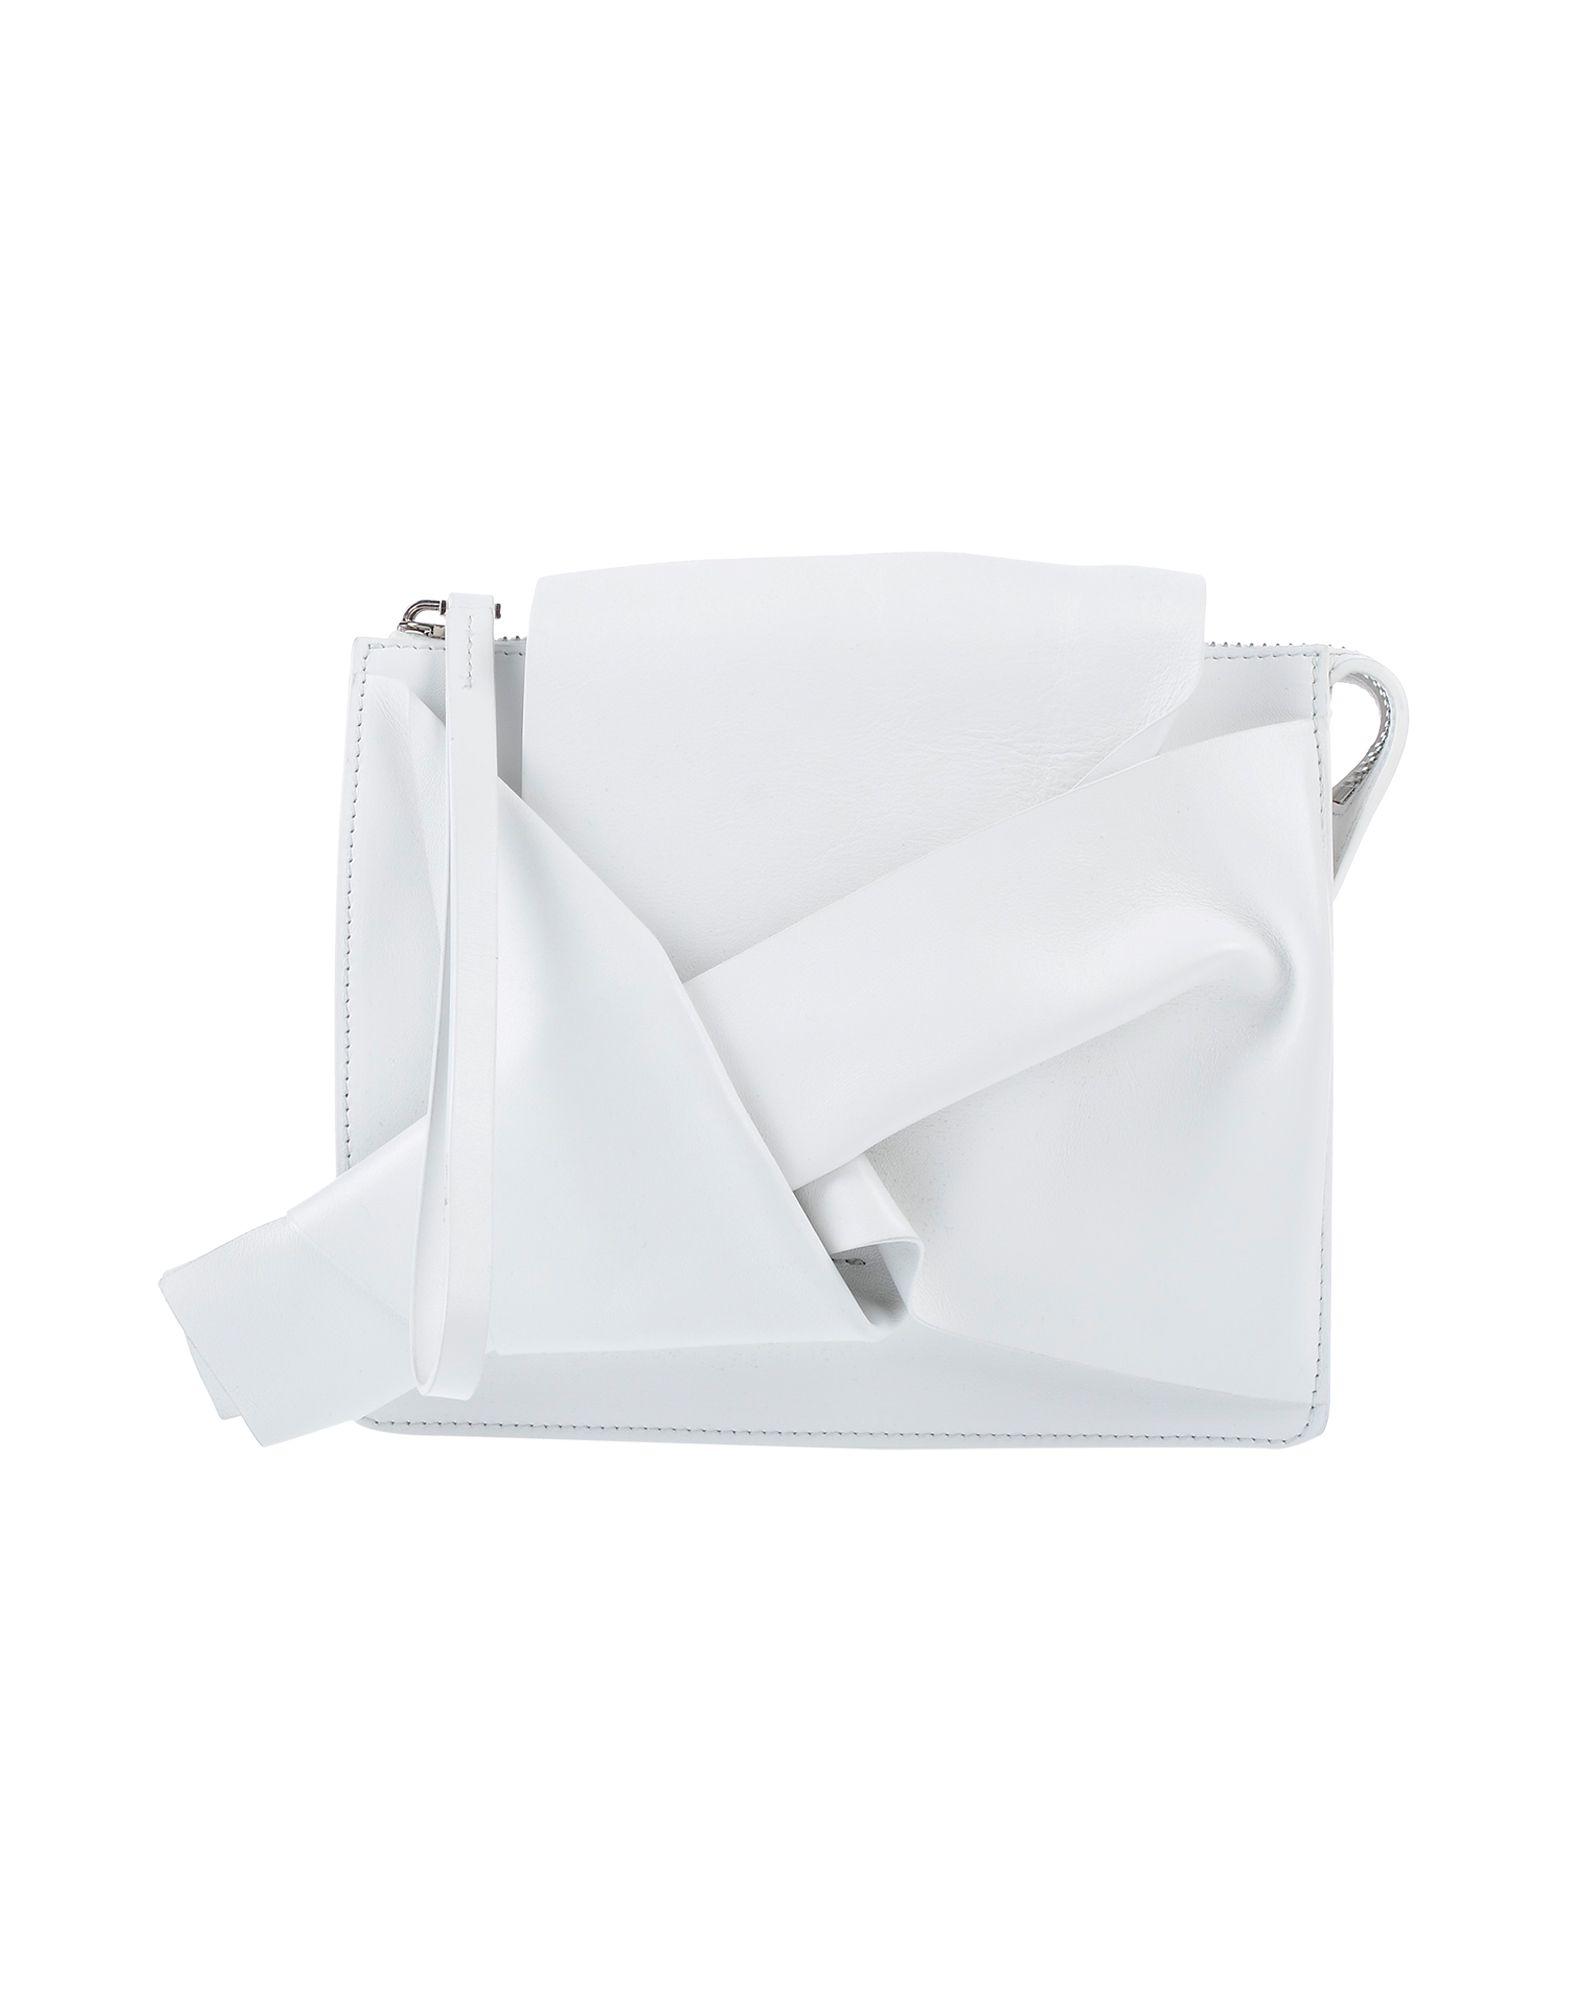 《送料無料》N°21 レディース ハンドバッグ ホワイト 革